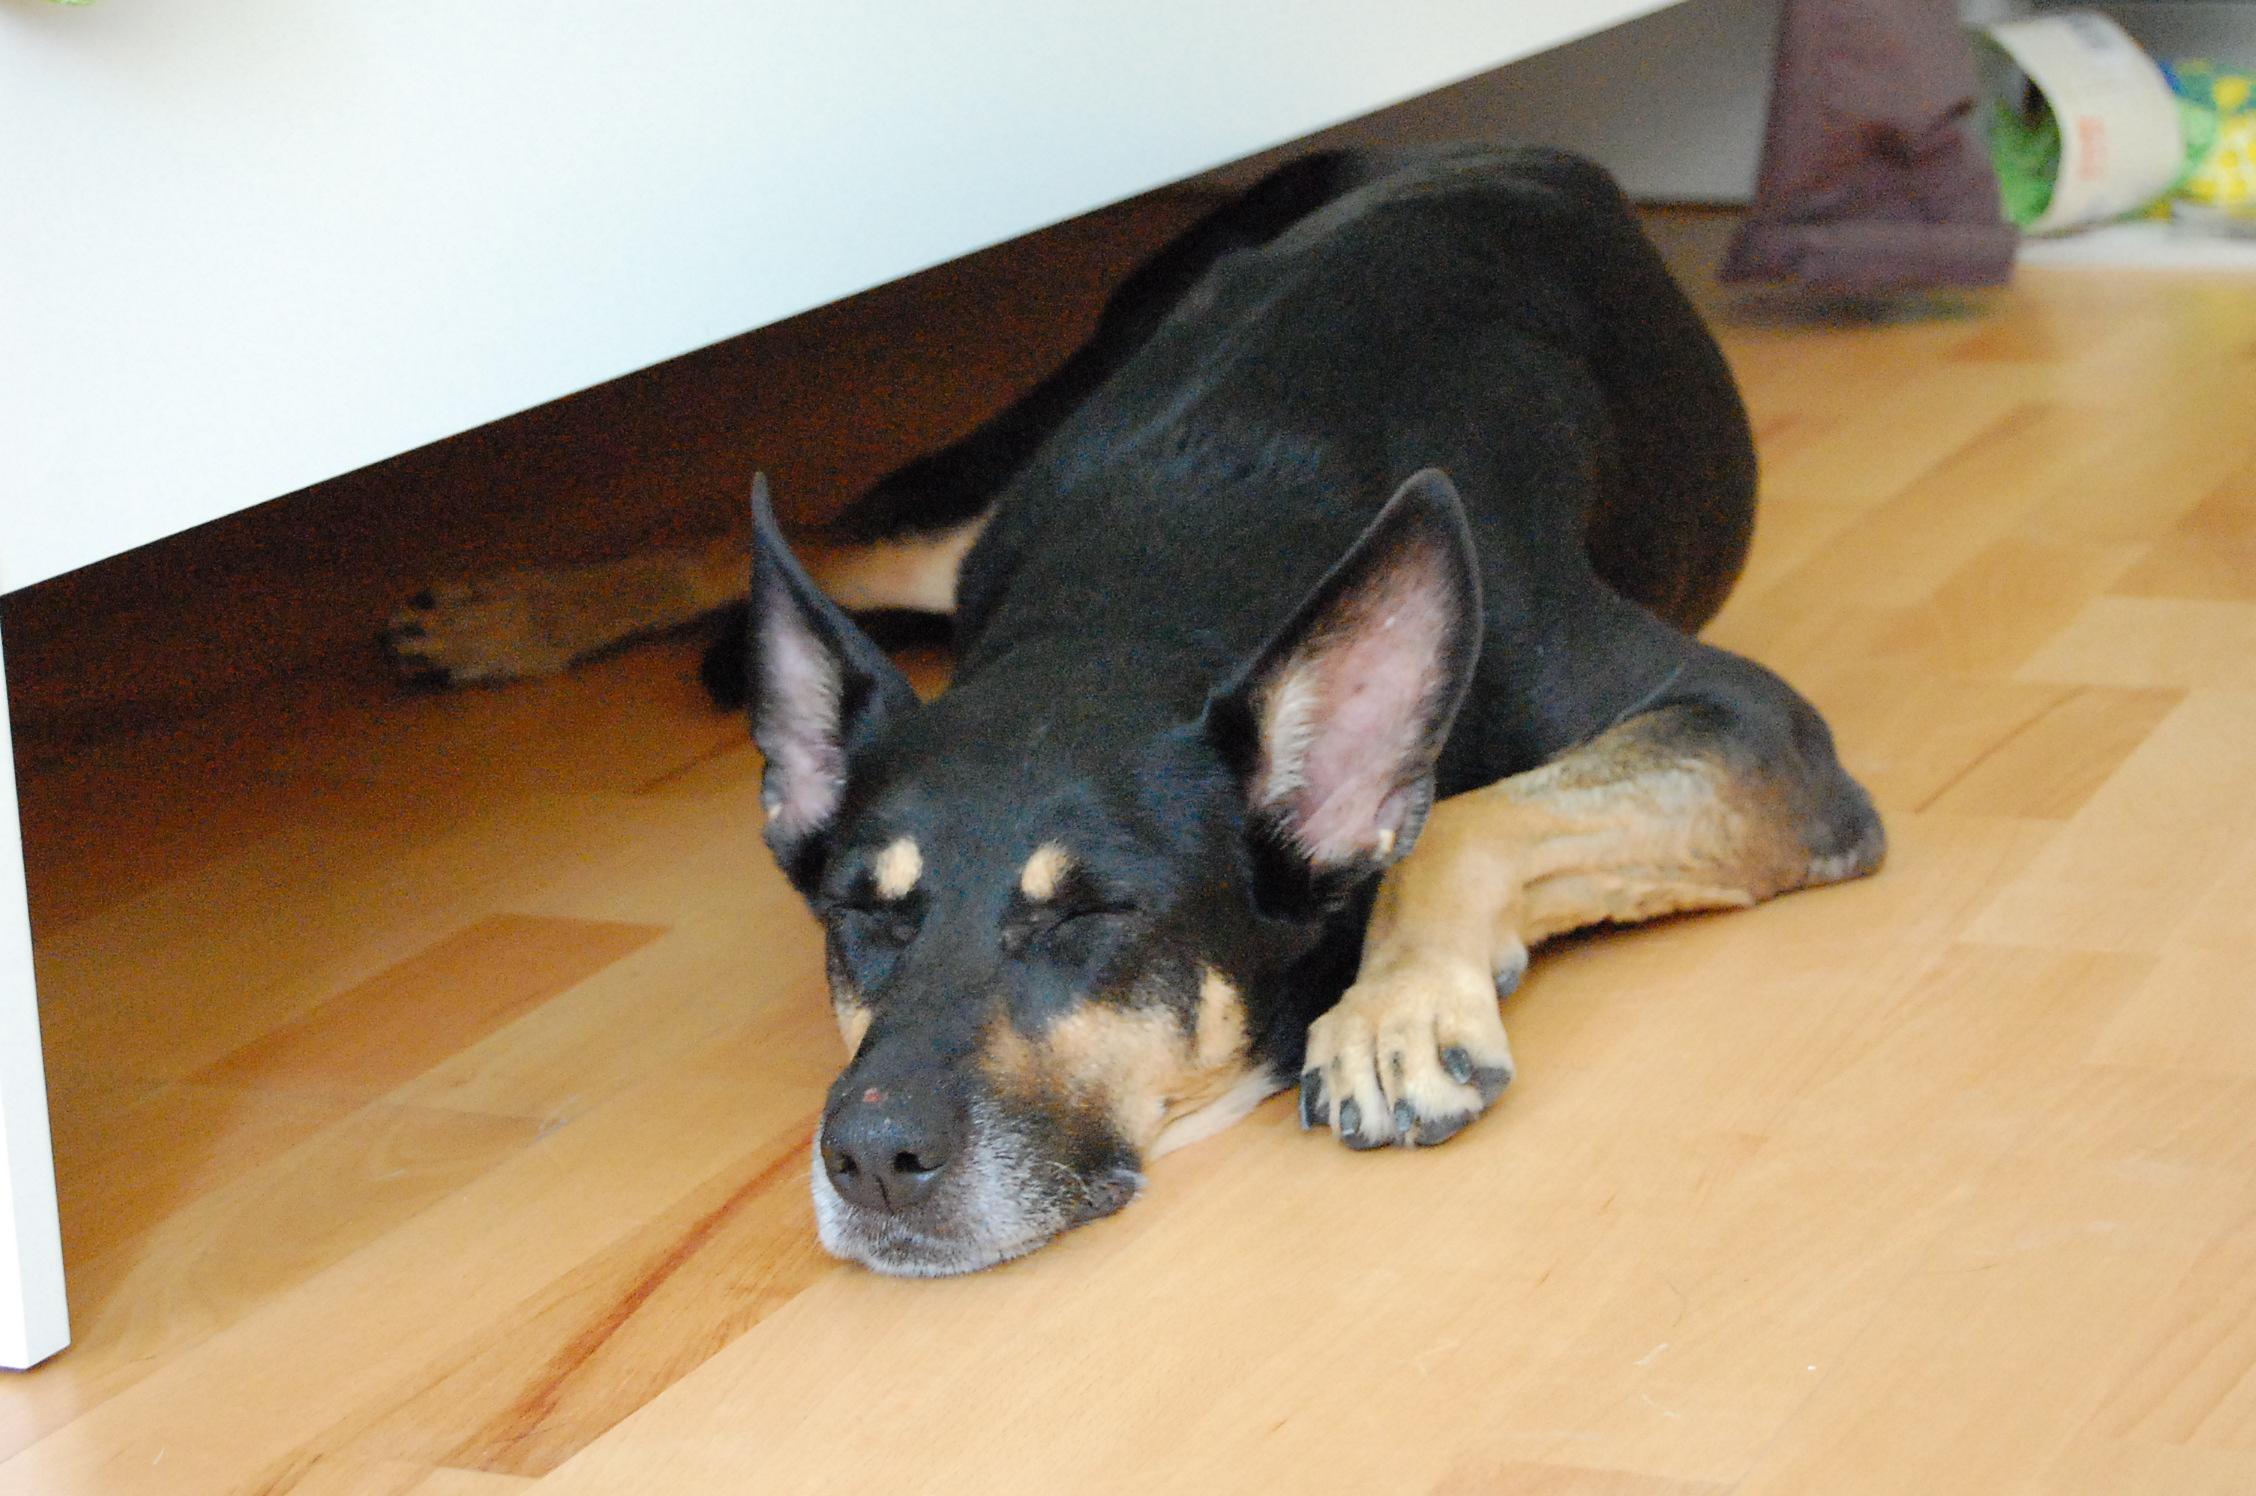 """Sich ausreichend """"Freizeit"""" für die Eingewöhnung des Hundes zu nehmen zahlt sich aus: so können Sie Ihren Hund gezielt in kleinen Schritten an den normalen Alltag in Ihrem Haushalt heranführen."""